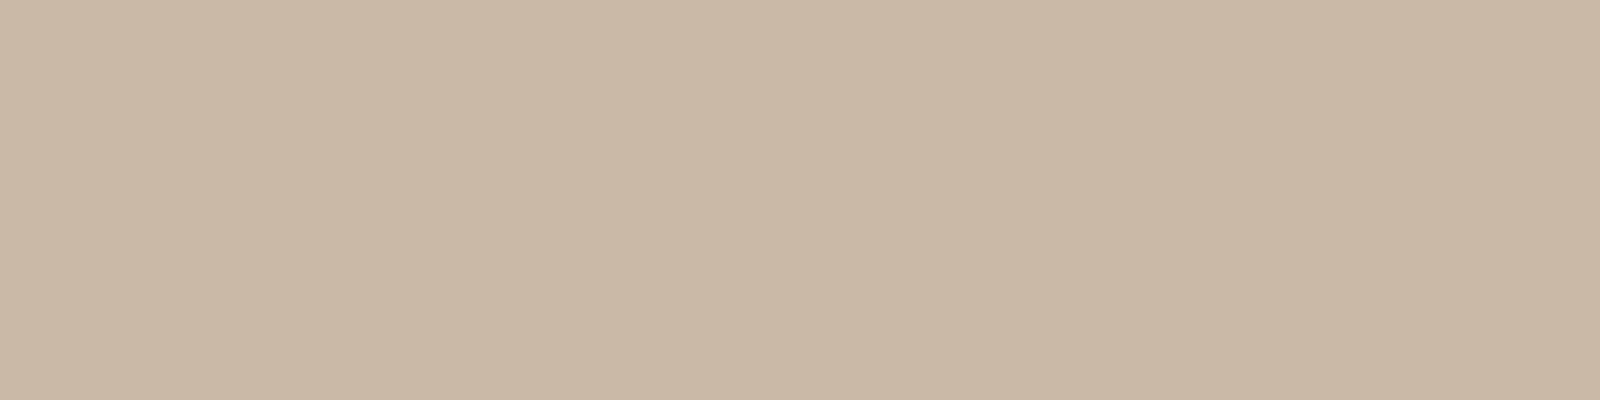 712 Wicker Gutter Color